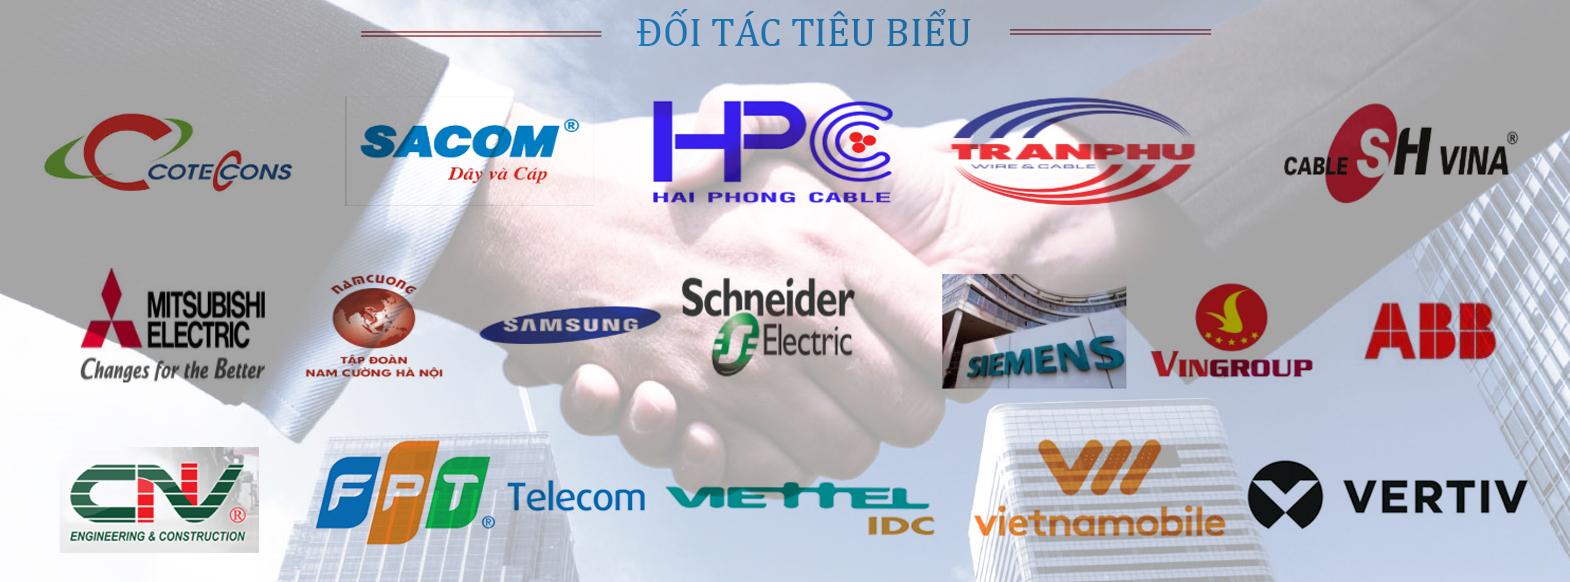 Các đối tác tiêu biểu của NP Việt Nam